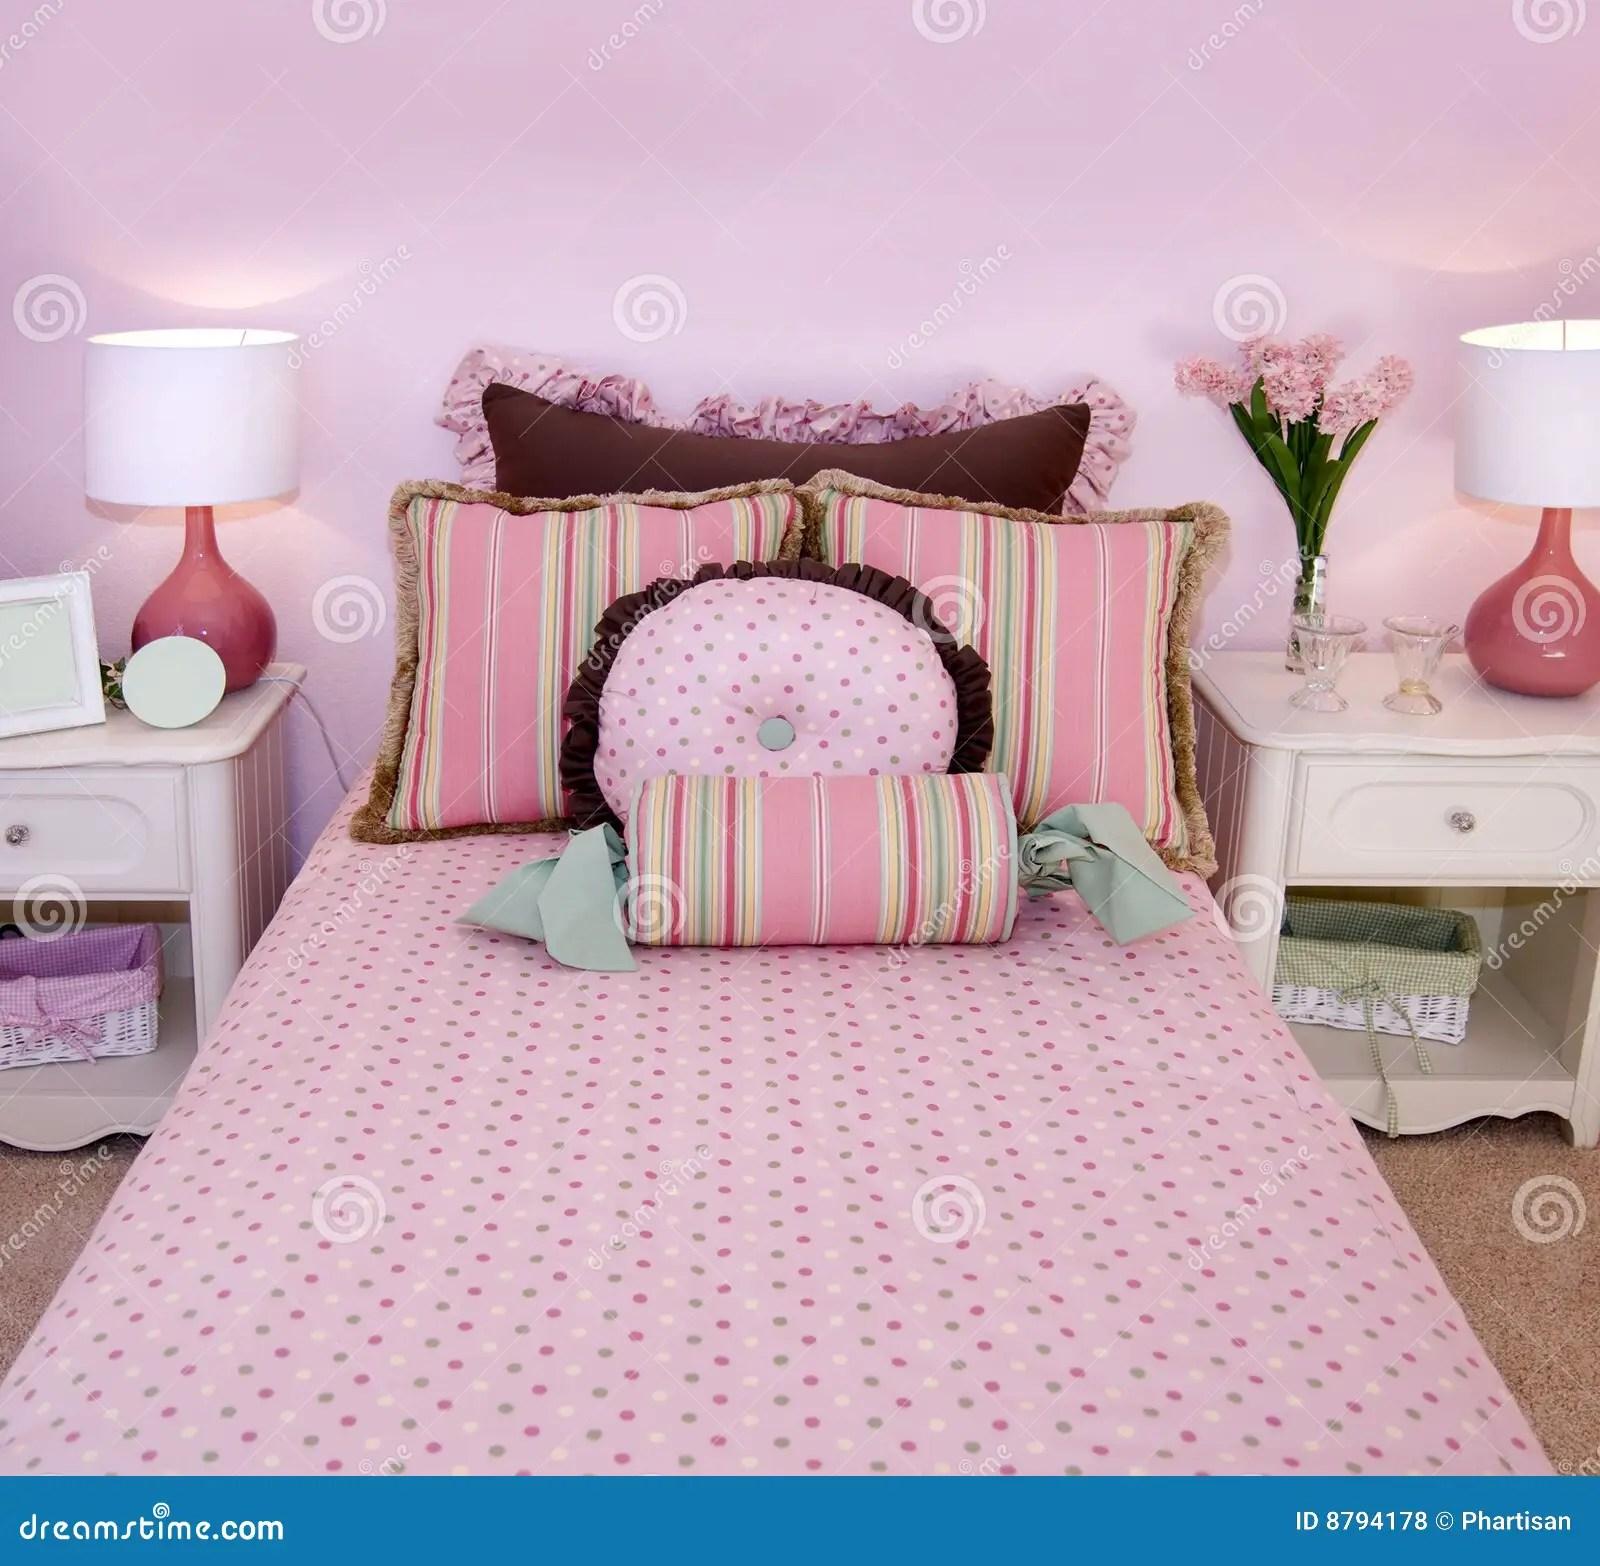 Bella camera delle ragazze nel brillante colore rosa con letto in legno intagliato e giocattoli. Ragazze Della Camera Da Letto Piccolo Colore Rosa Fotografia Stock Immagine Di Circondare Stile 8794178